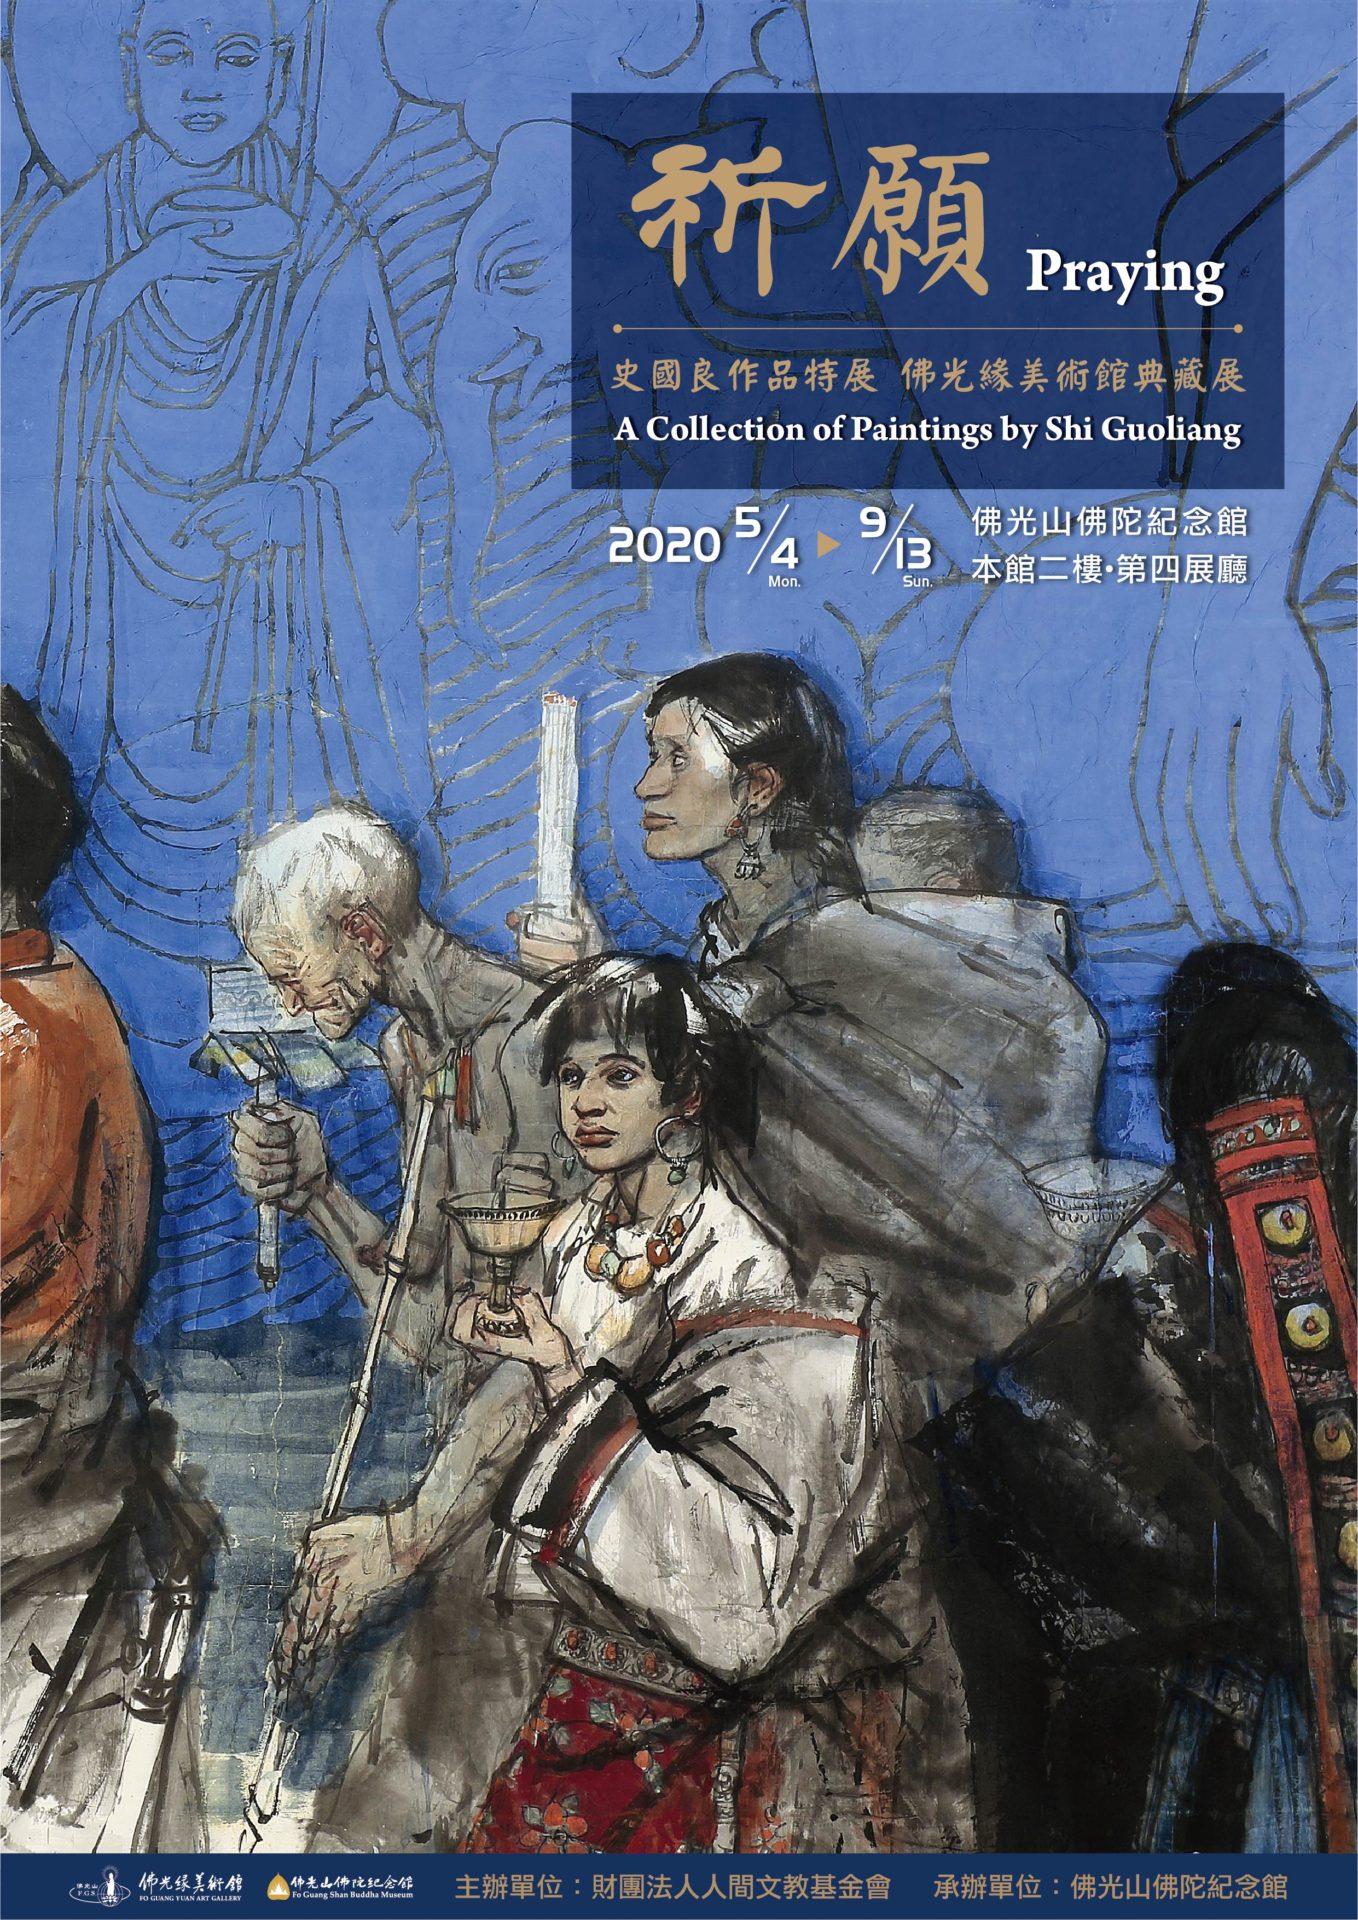 佛陀紀念館:2020/05/04-2020/09/13【祈願─佛光緣美術館典藏 史國良作品展】